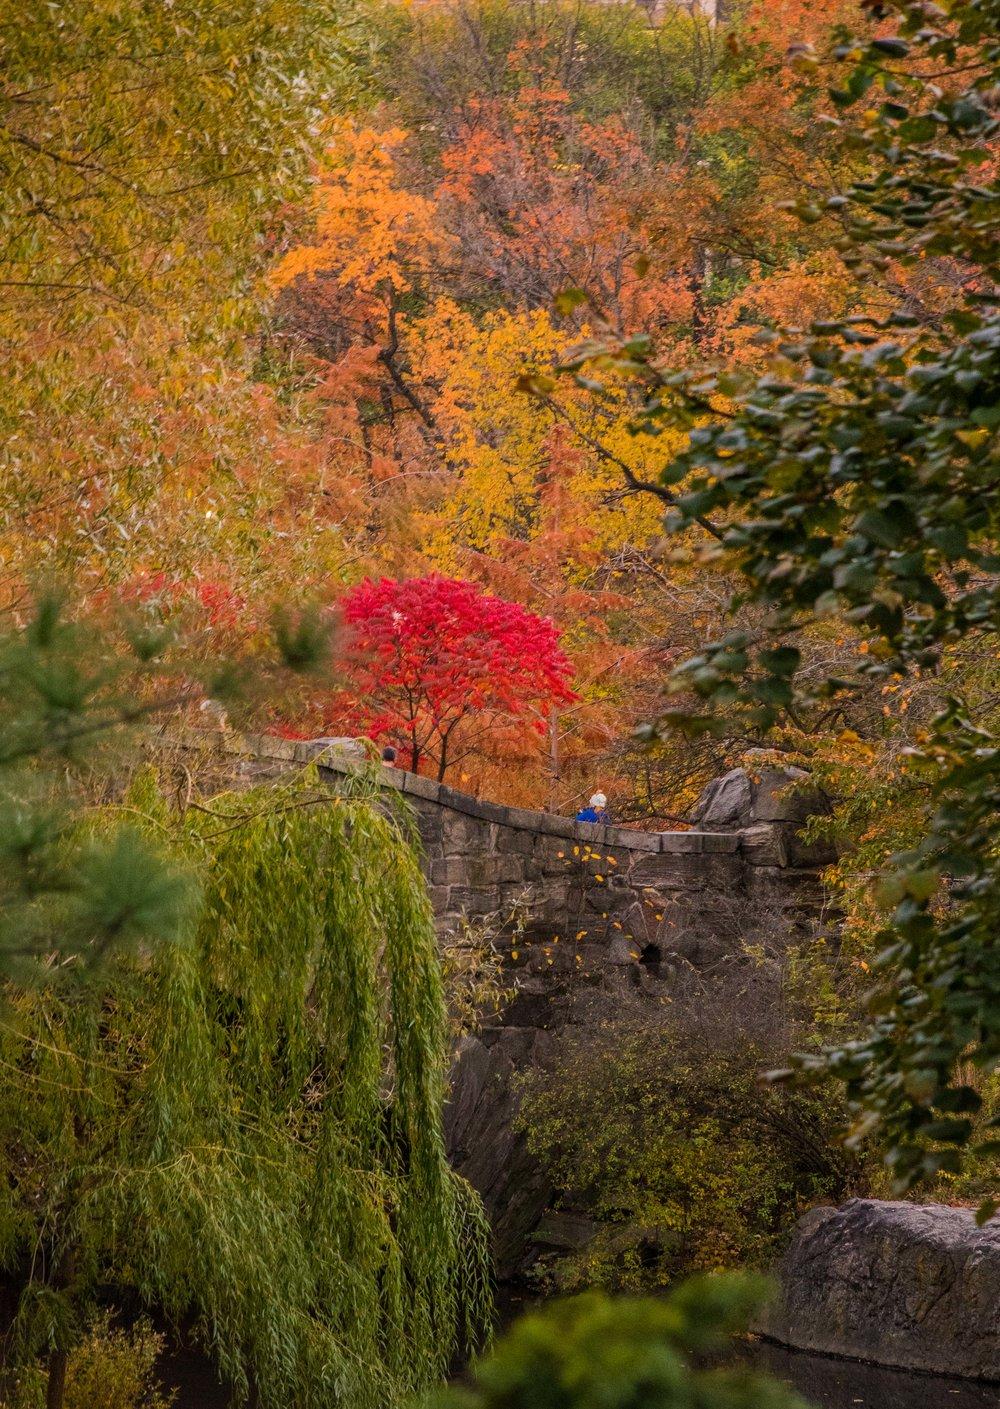 Fall Central Park. New York, NY 2016